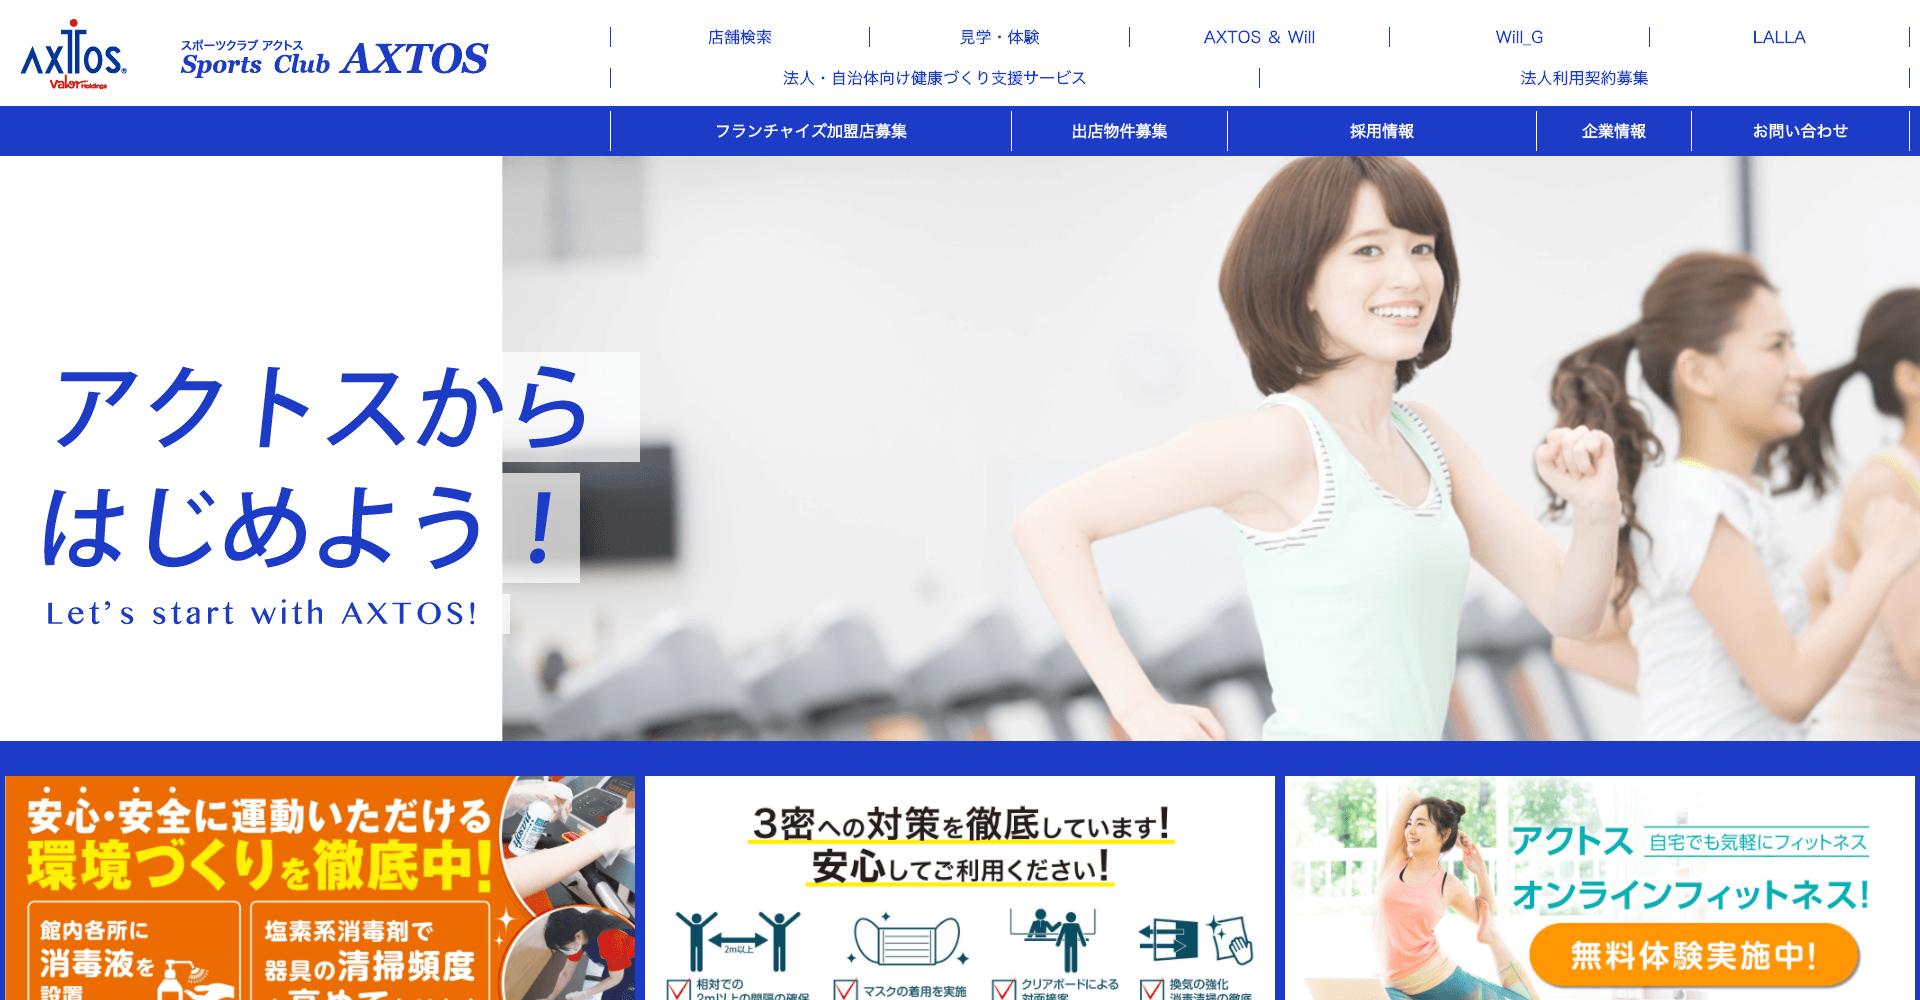 スポーツクラブ アクトスWill_G関マーゴ